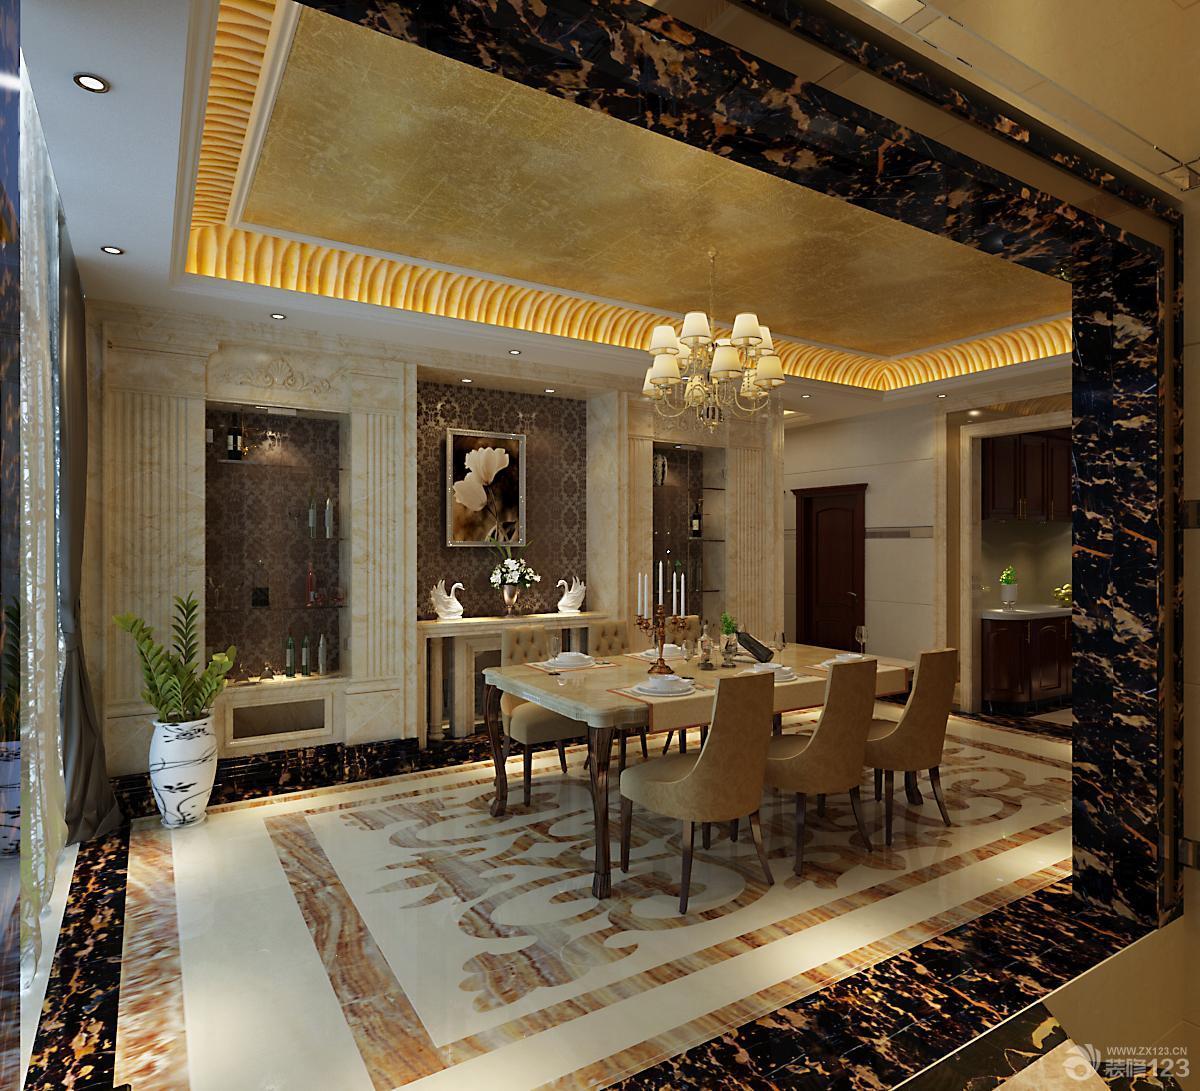 餐厅装修风格大理石拼花地砖效果图图片